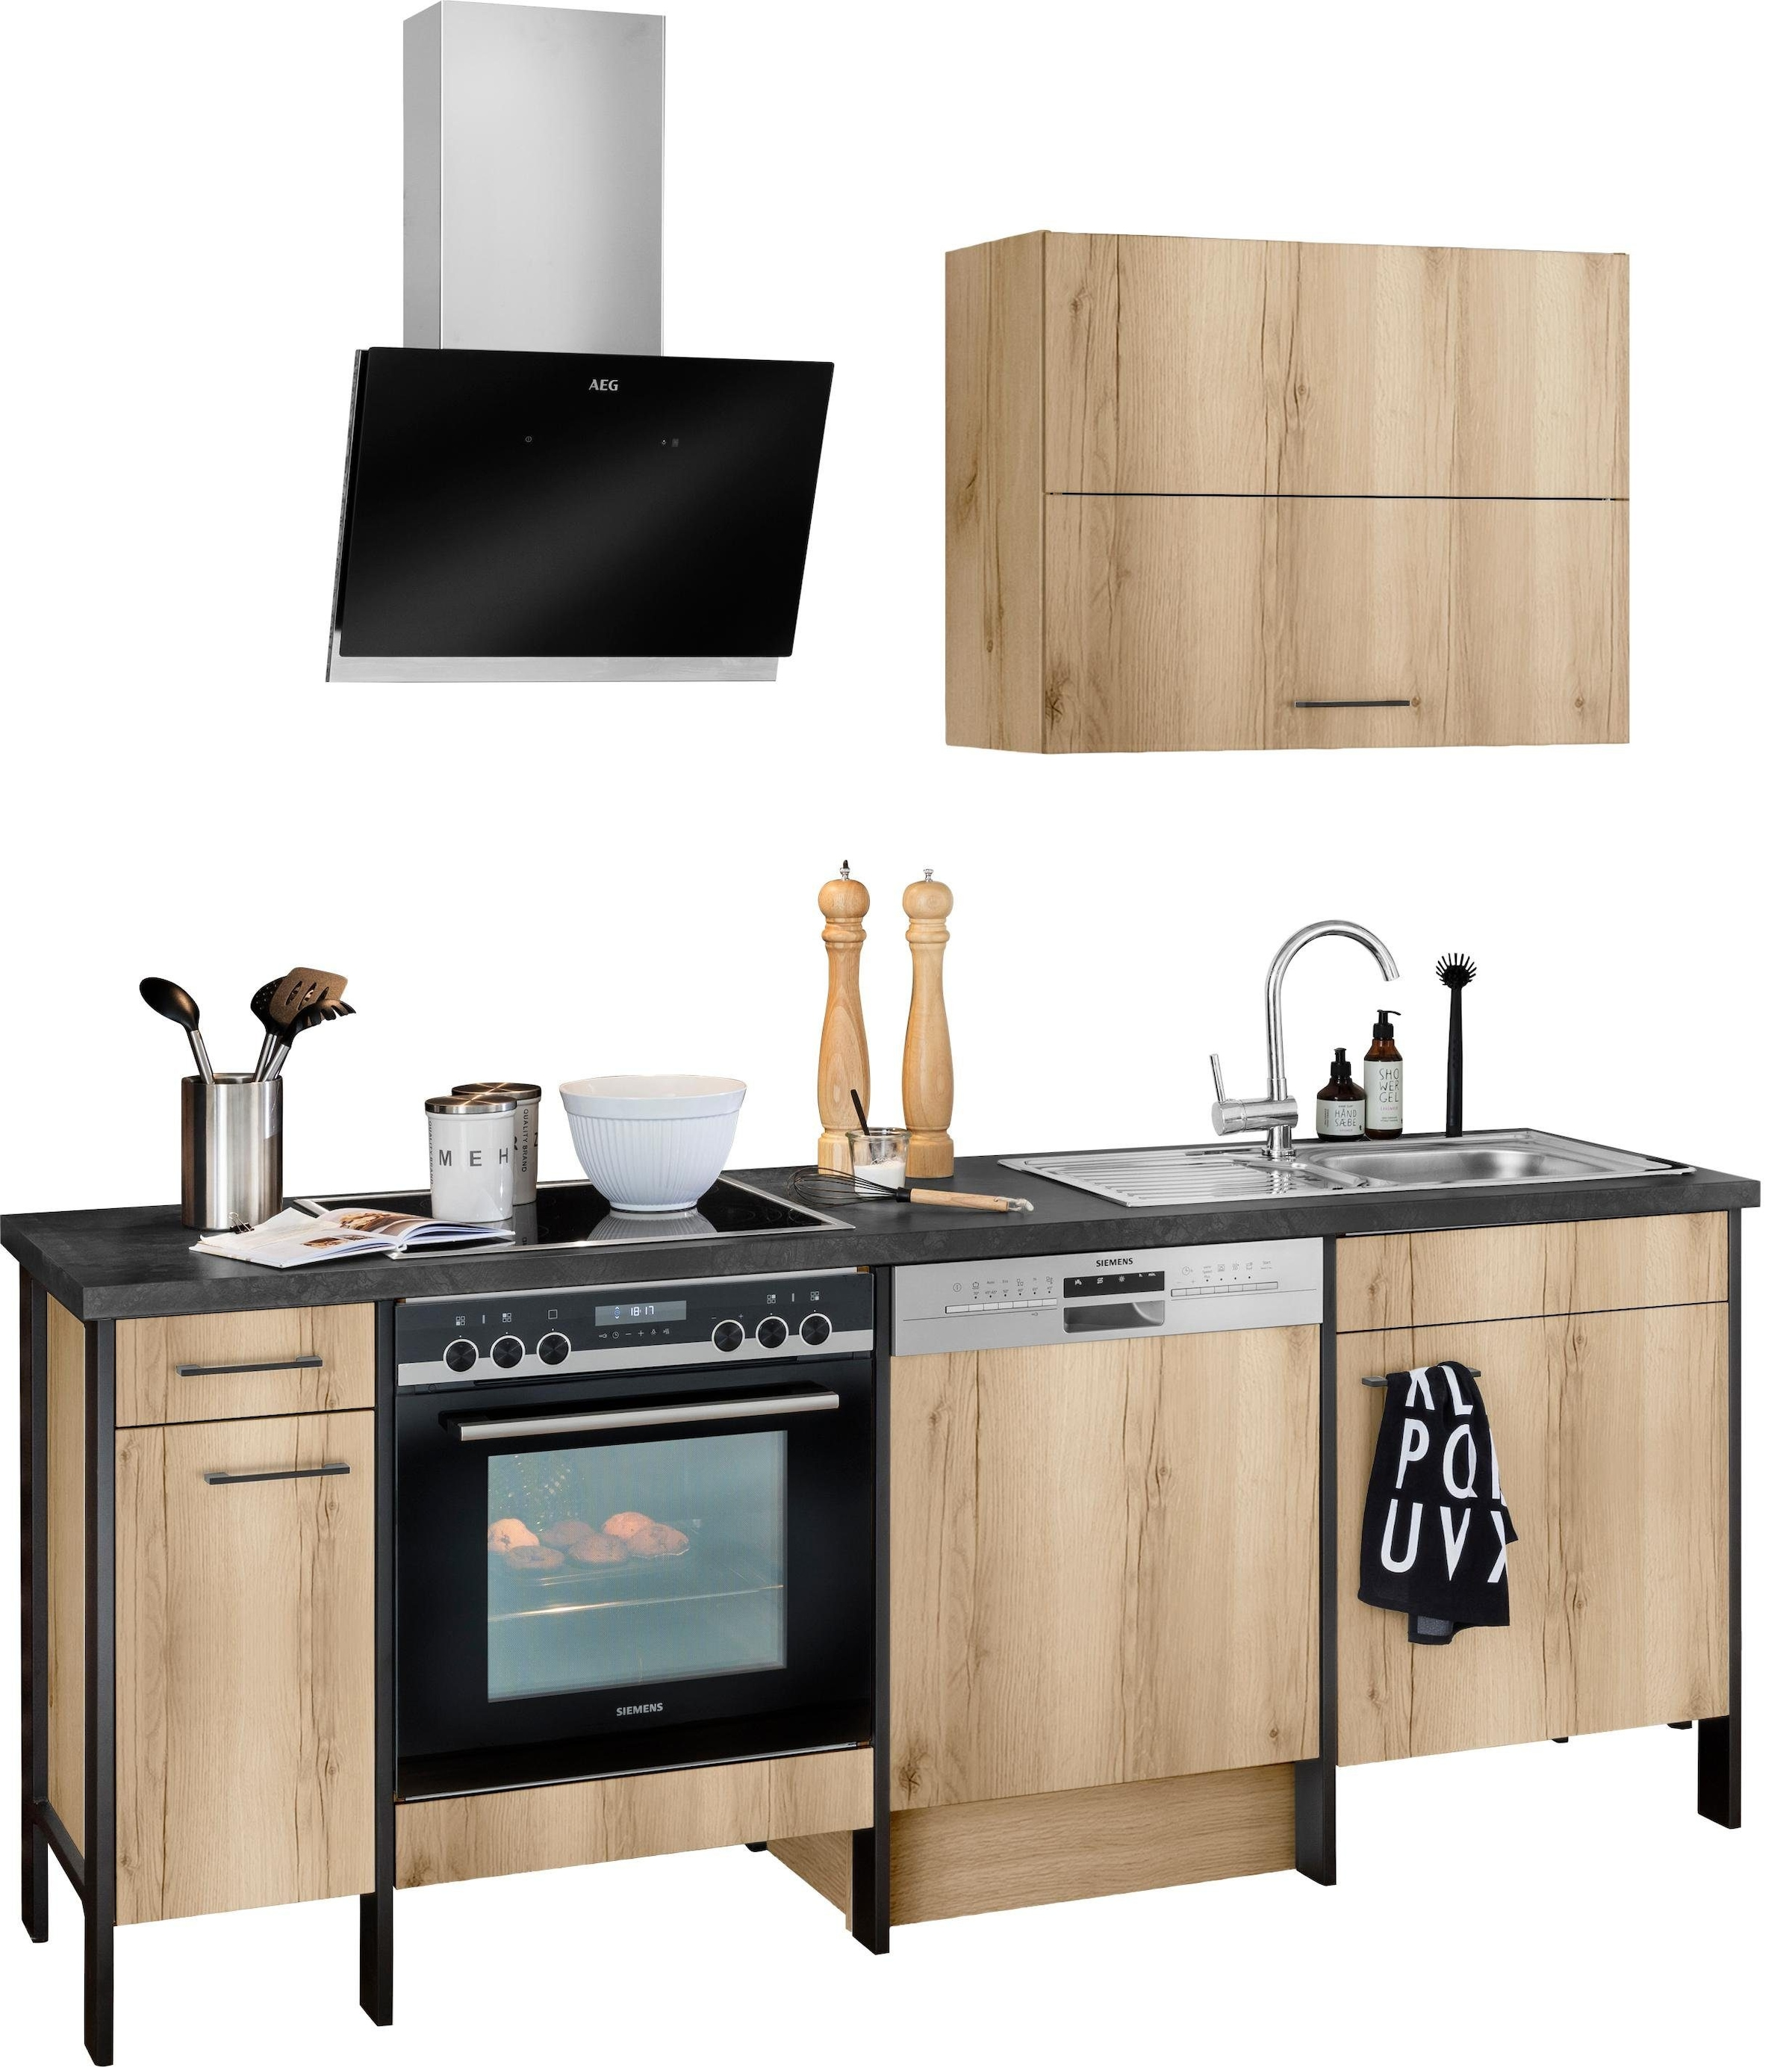 Küche & Esszimmer online günstig kaufen über shop24.at